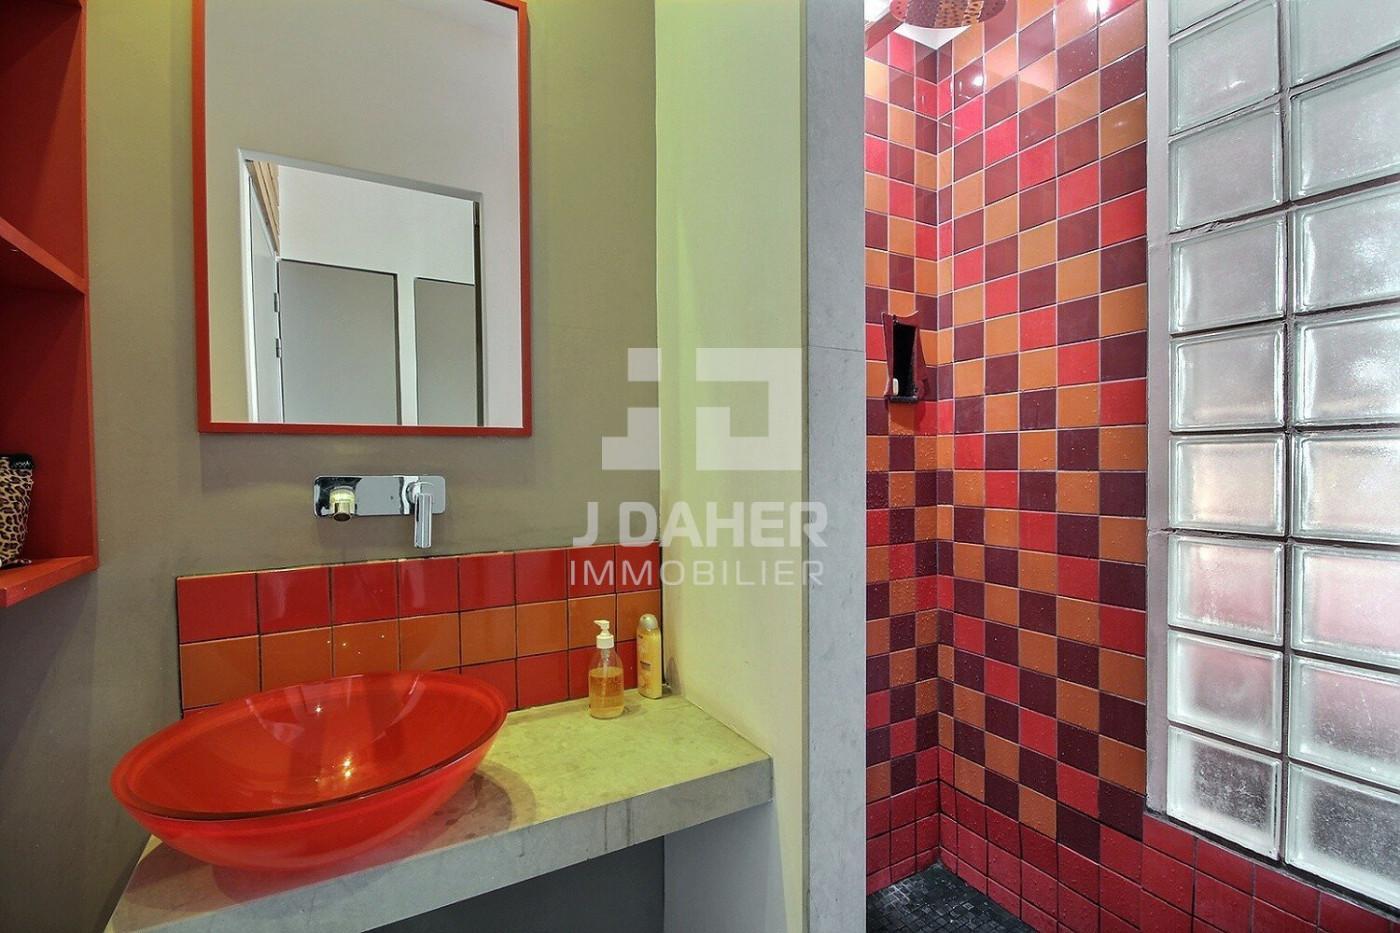 A vendre  Marseille 2eme Arrondissement | Réf 130251034 - J daher immobilier